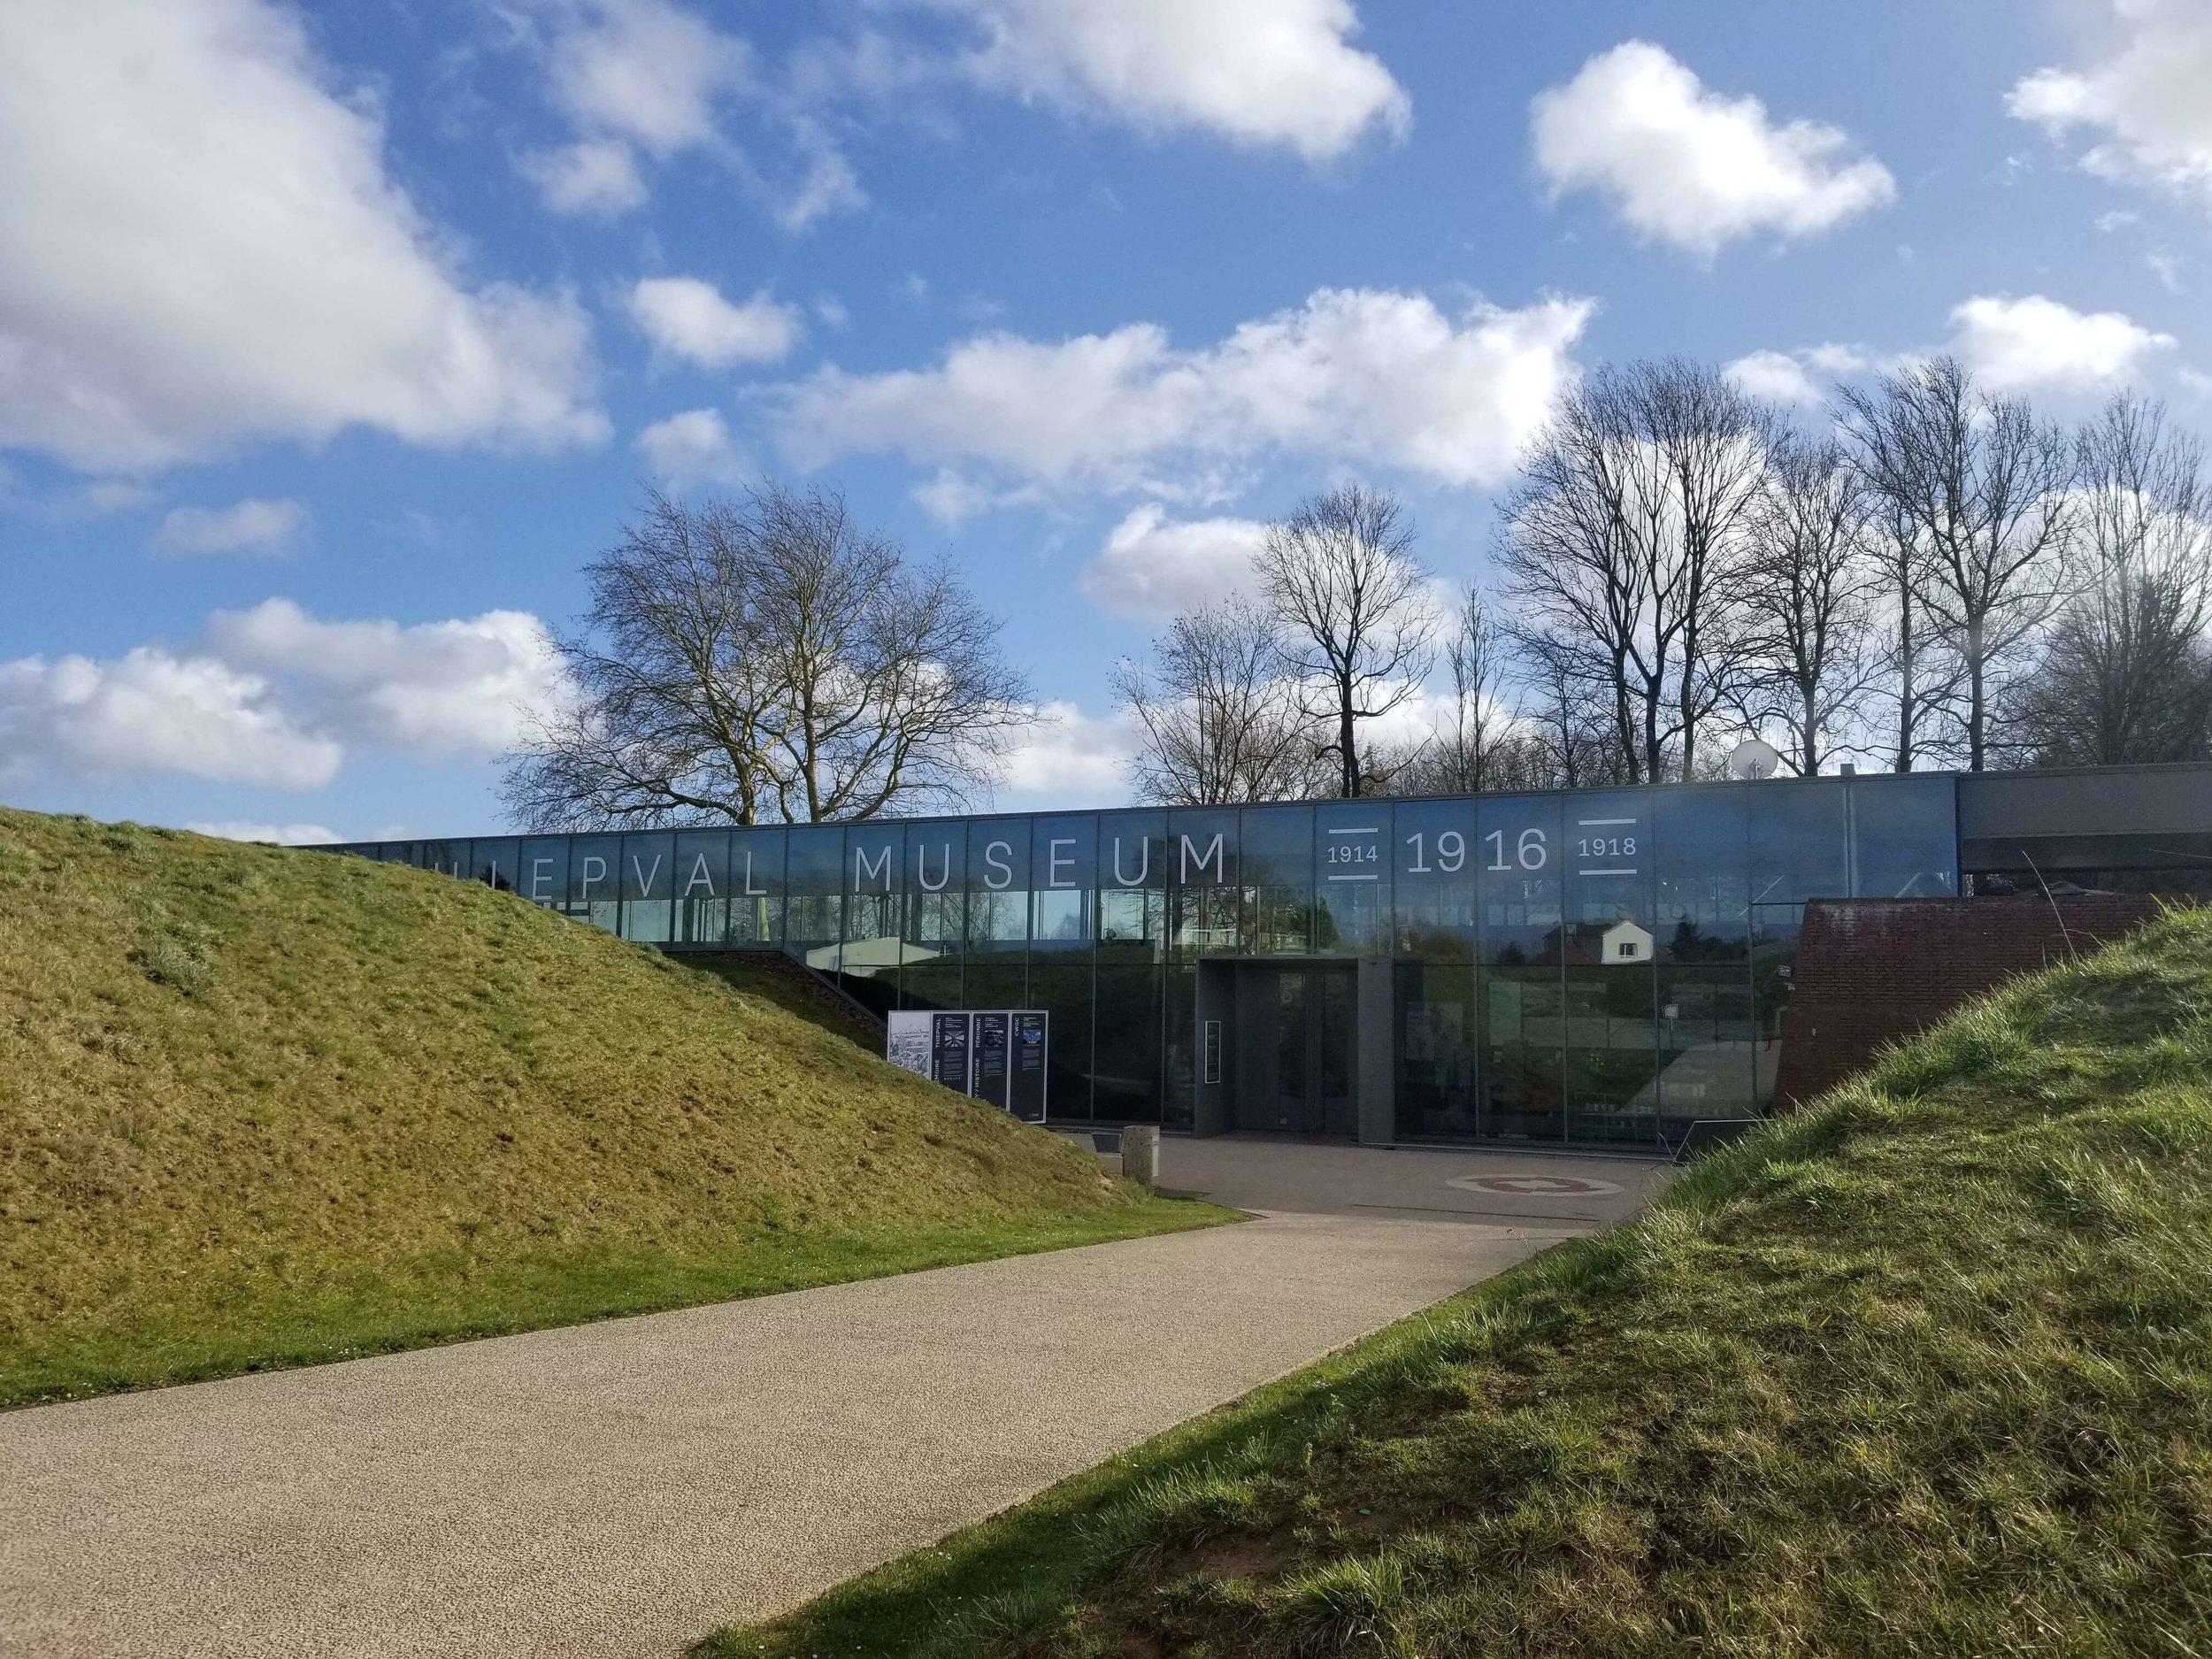 Museum at Thiepval Memorial